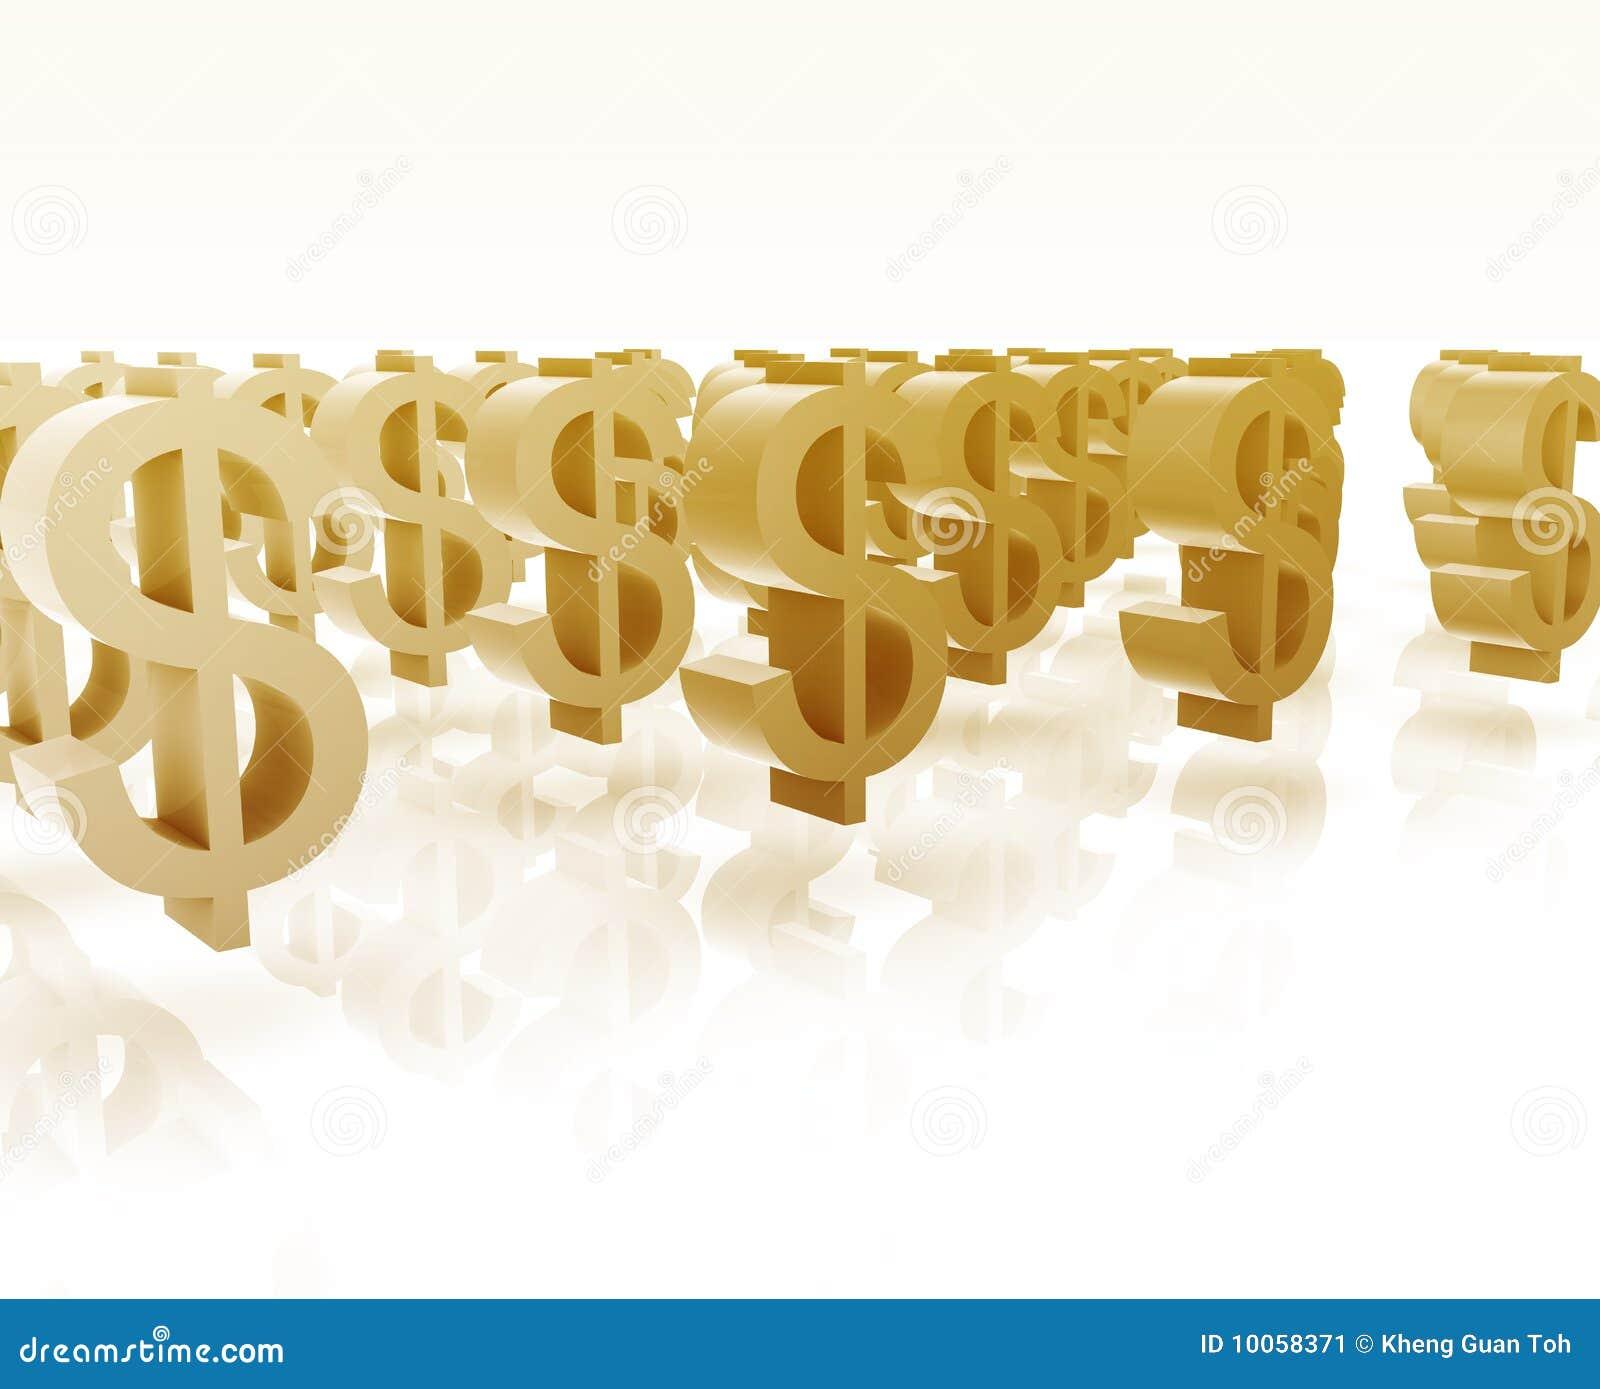 Muitos símbolos do dólar